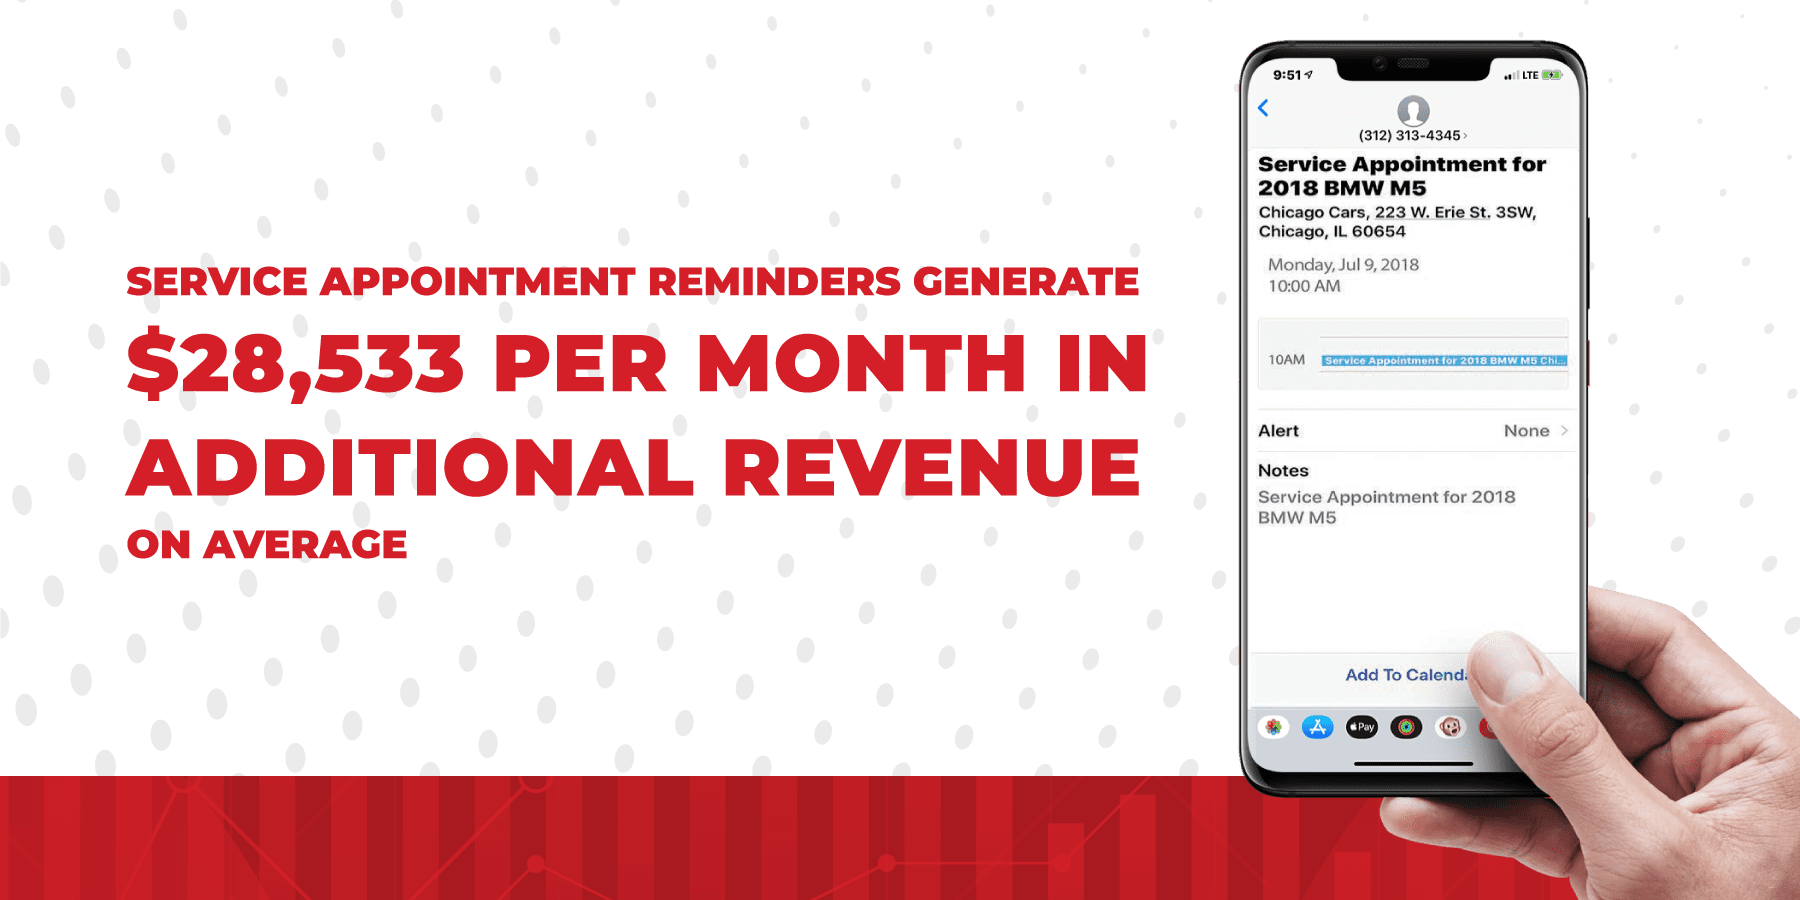 les rappels de rendez-vous de service automatisés génèrent 28,533 XNUMX $ de revenus par mois